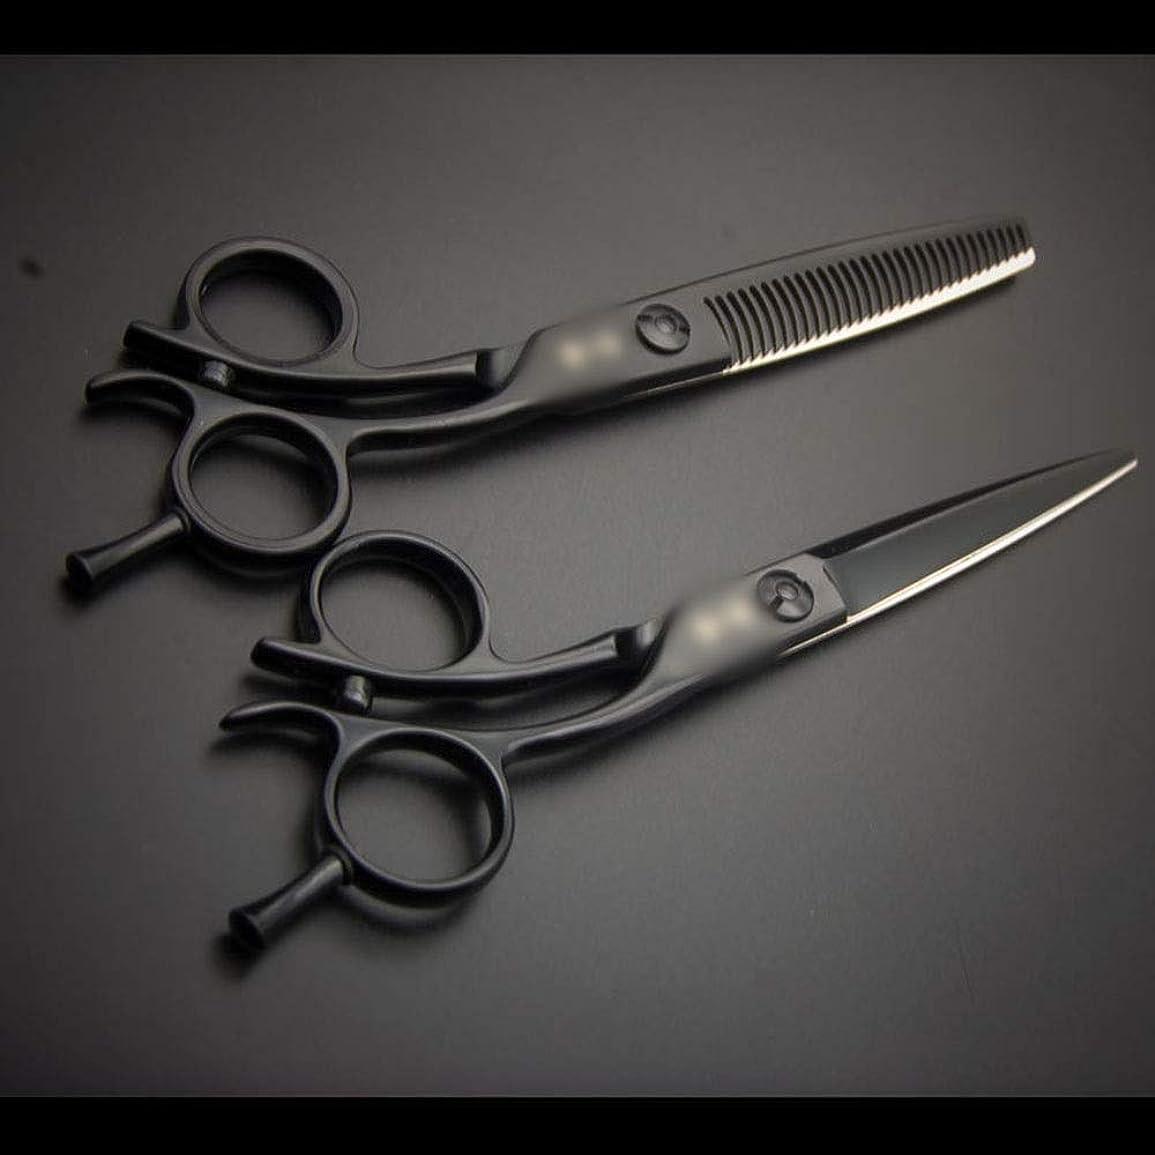 Blian1 6インチのはさみセット歯のせん断+フラットせん断スーツの組み合わせ (色 : 黒)